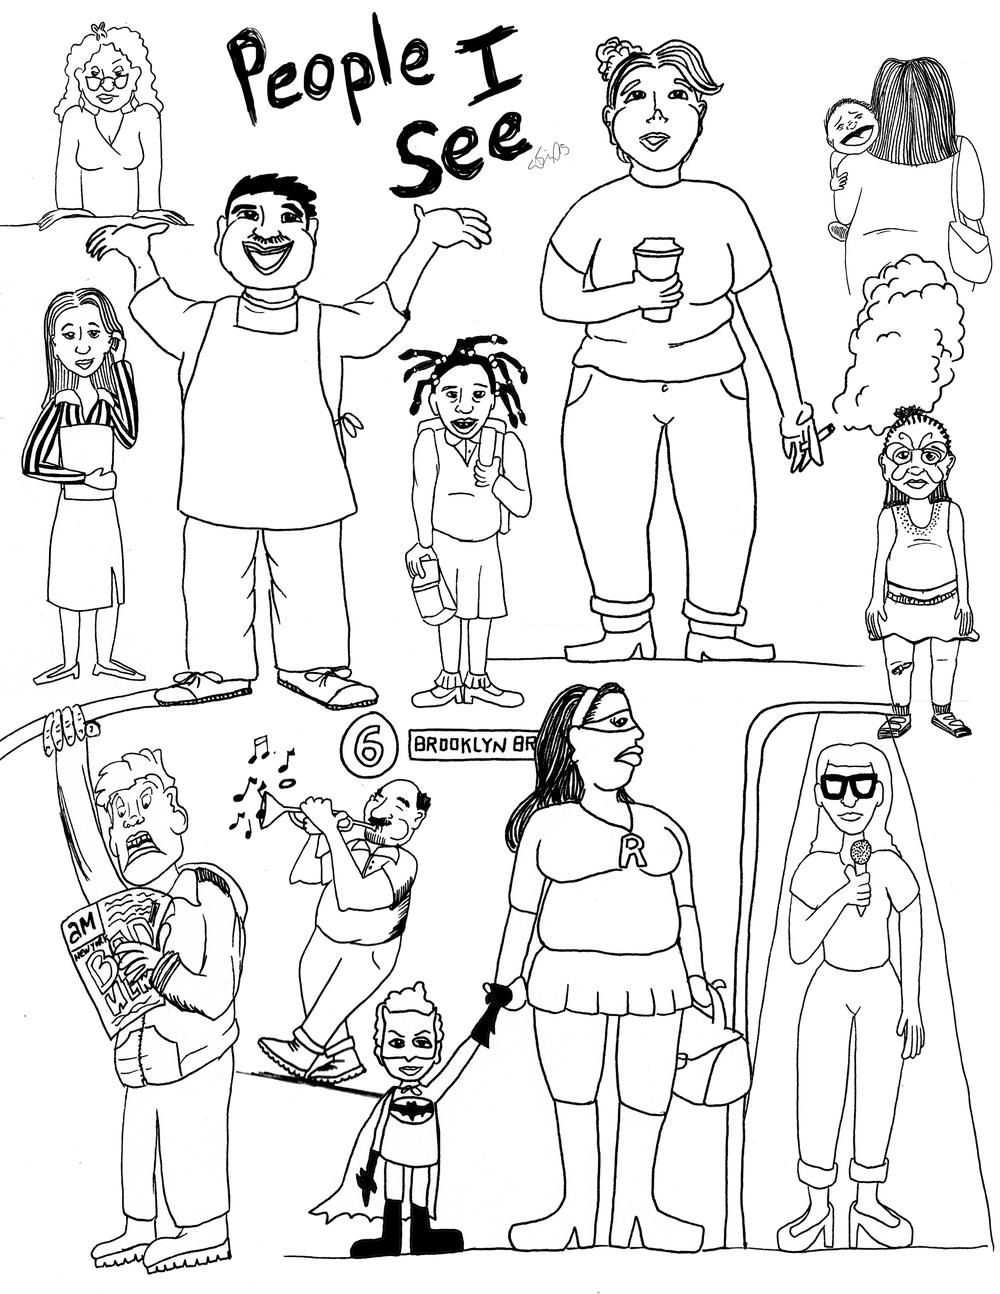 04-People I See.jpg